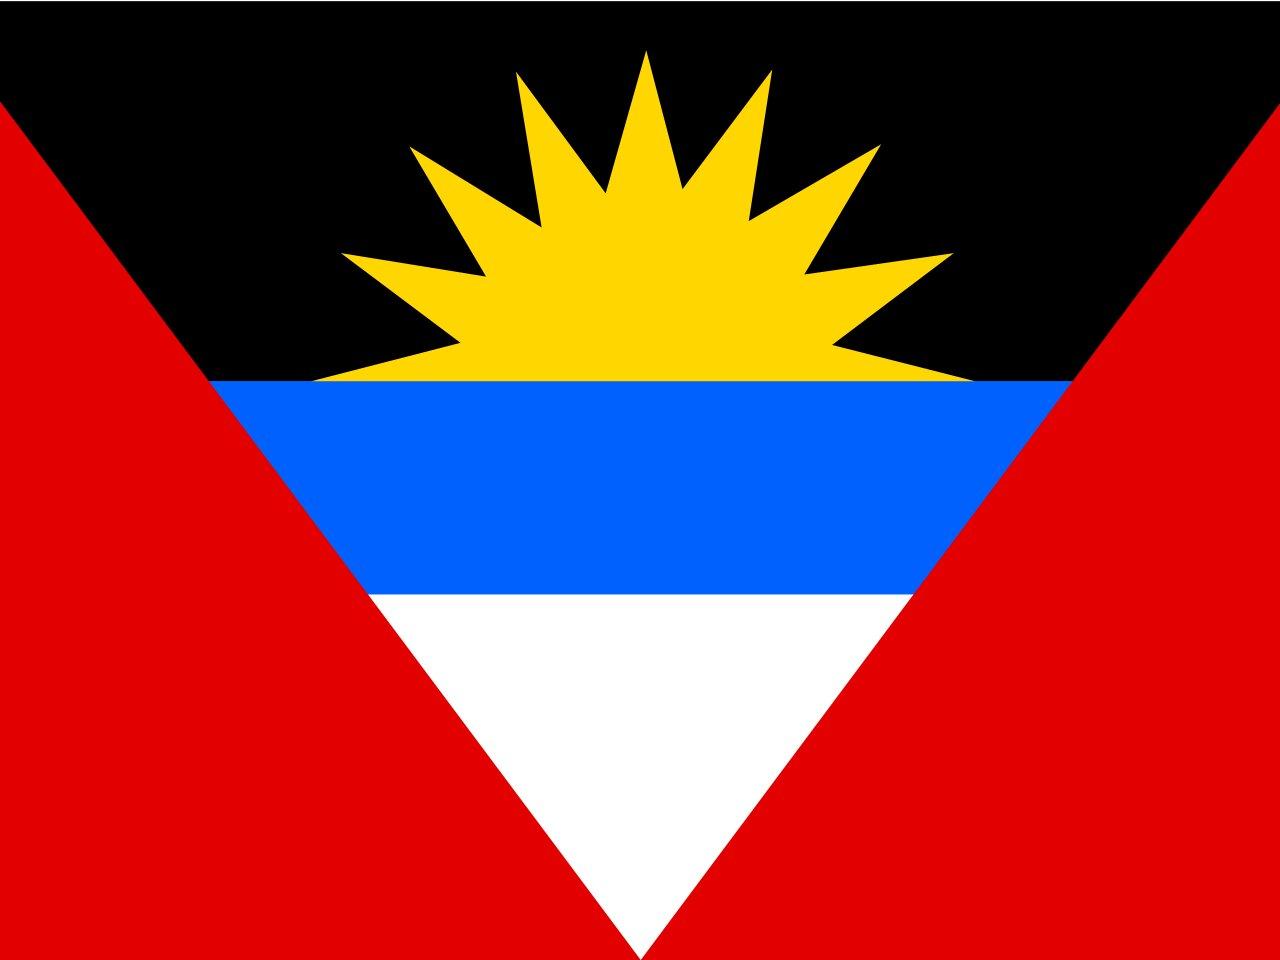 antigua-and-barbuda-flag